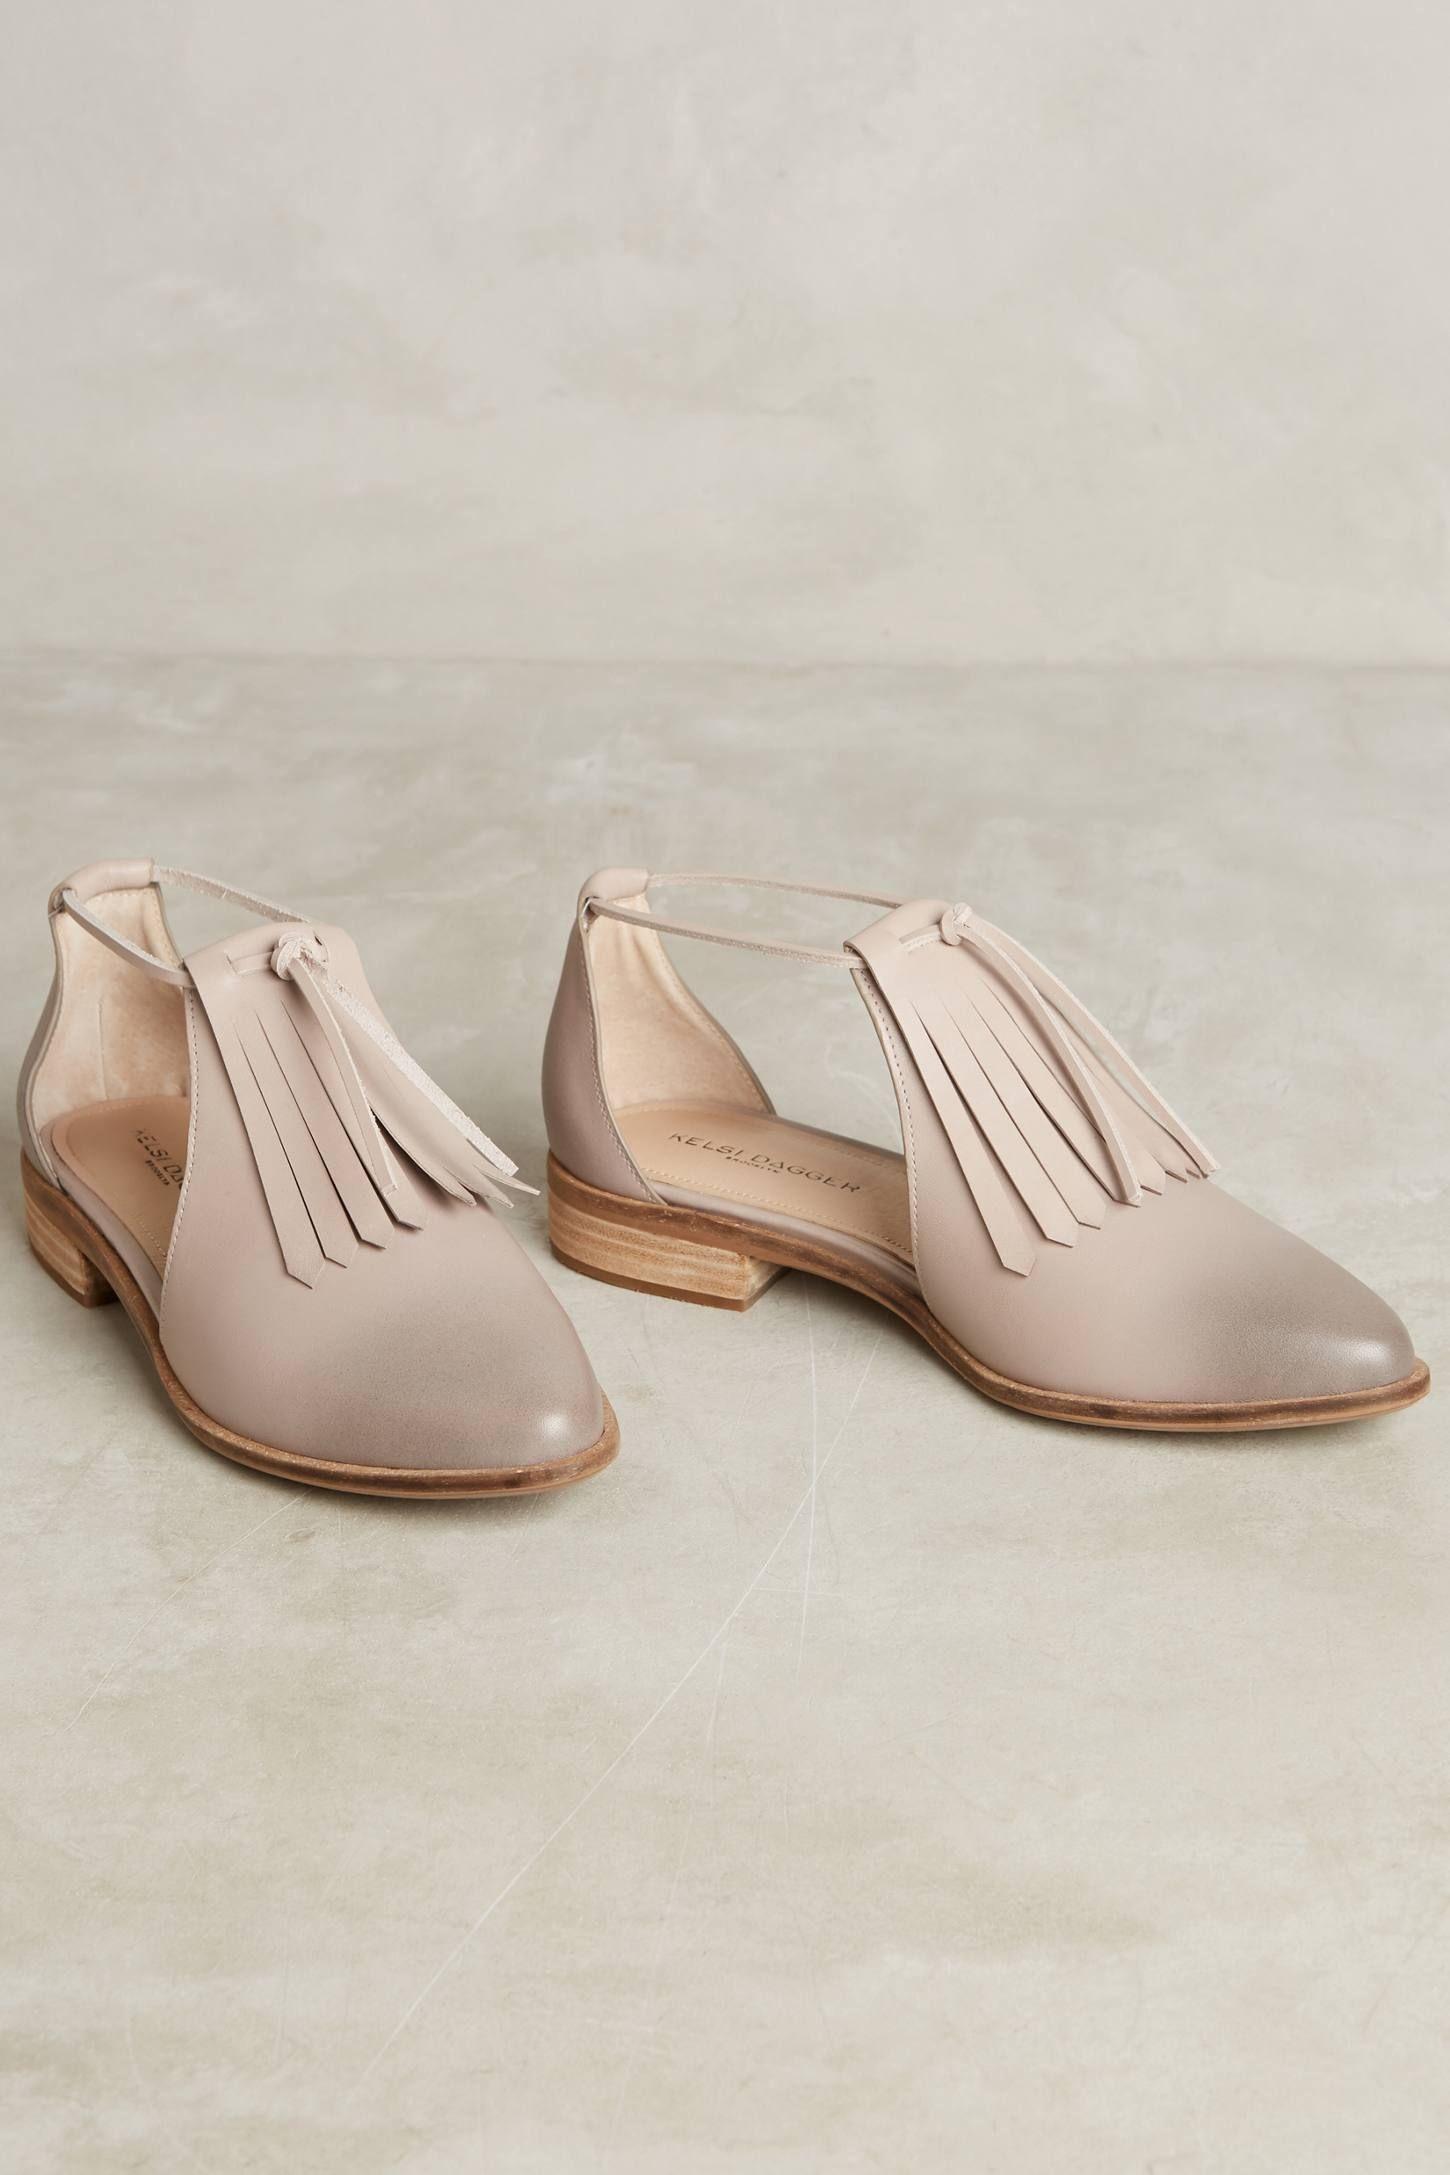 Kelsi Dagger Brooklyn Alani Kiltie Boots Boots, Comfy